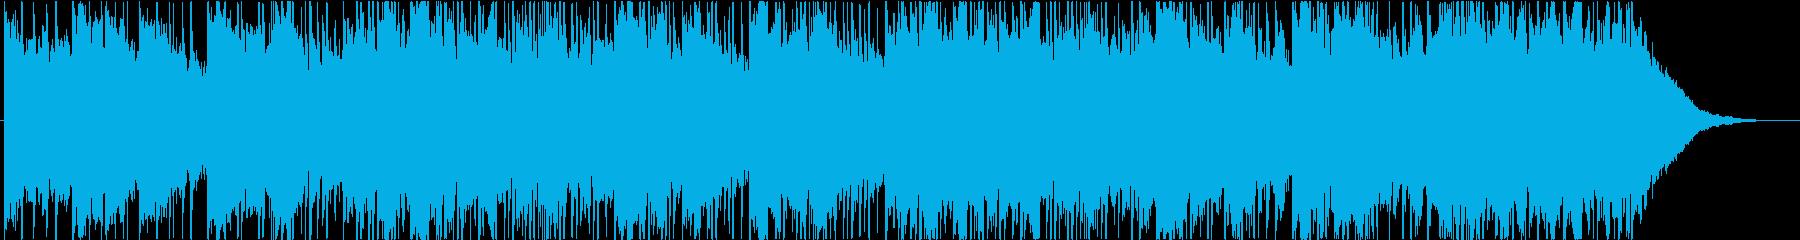 エレクトロニック、チルアウト、ポップの再生済みの波形